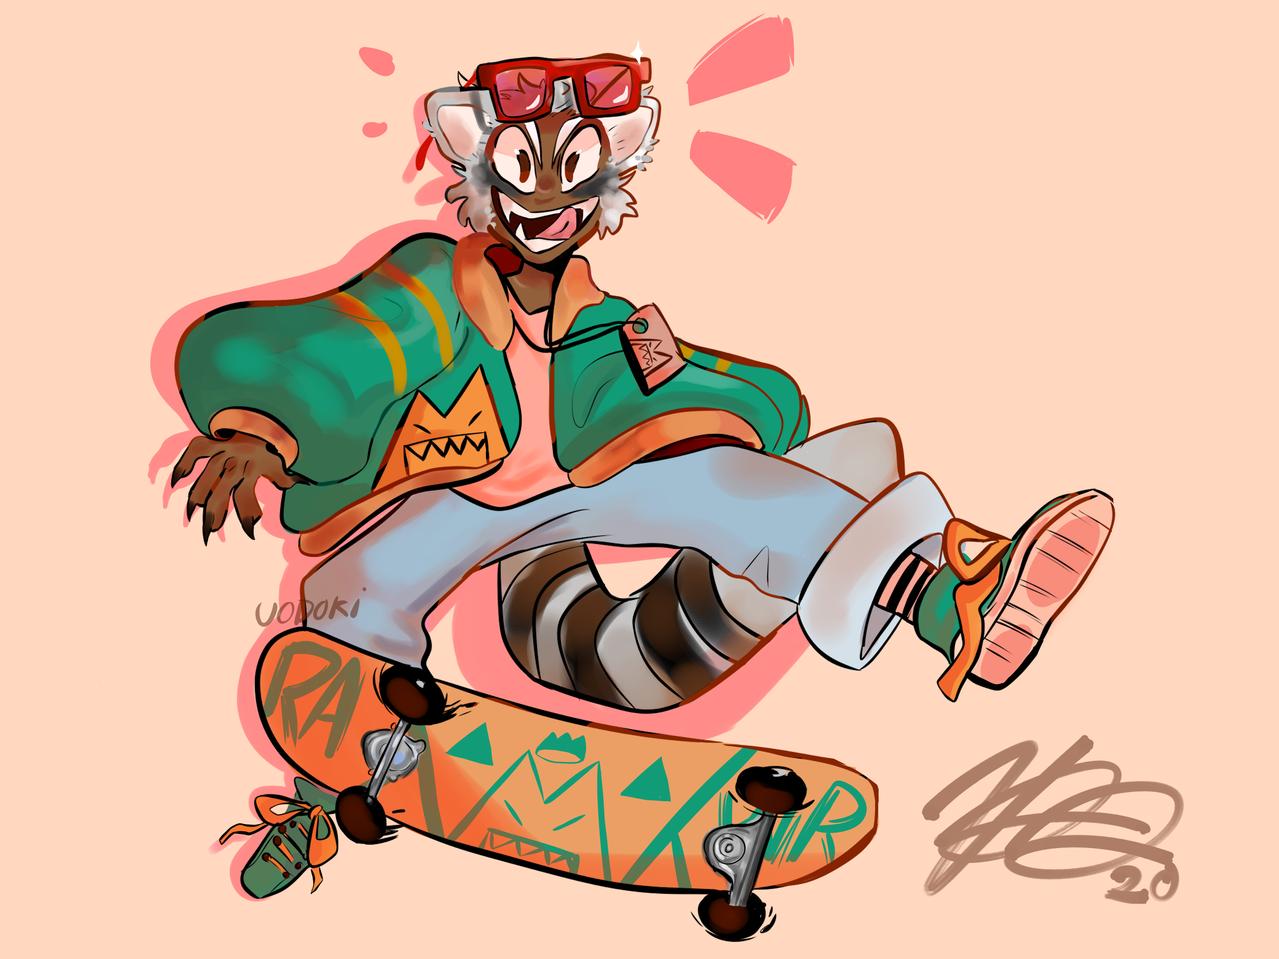 Raccoon boy